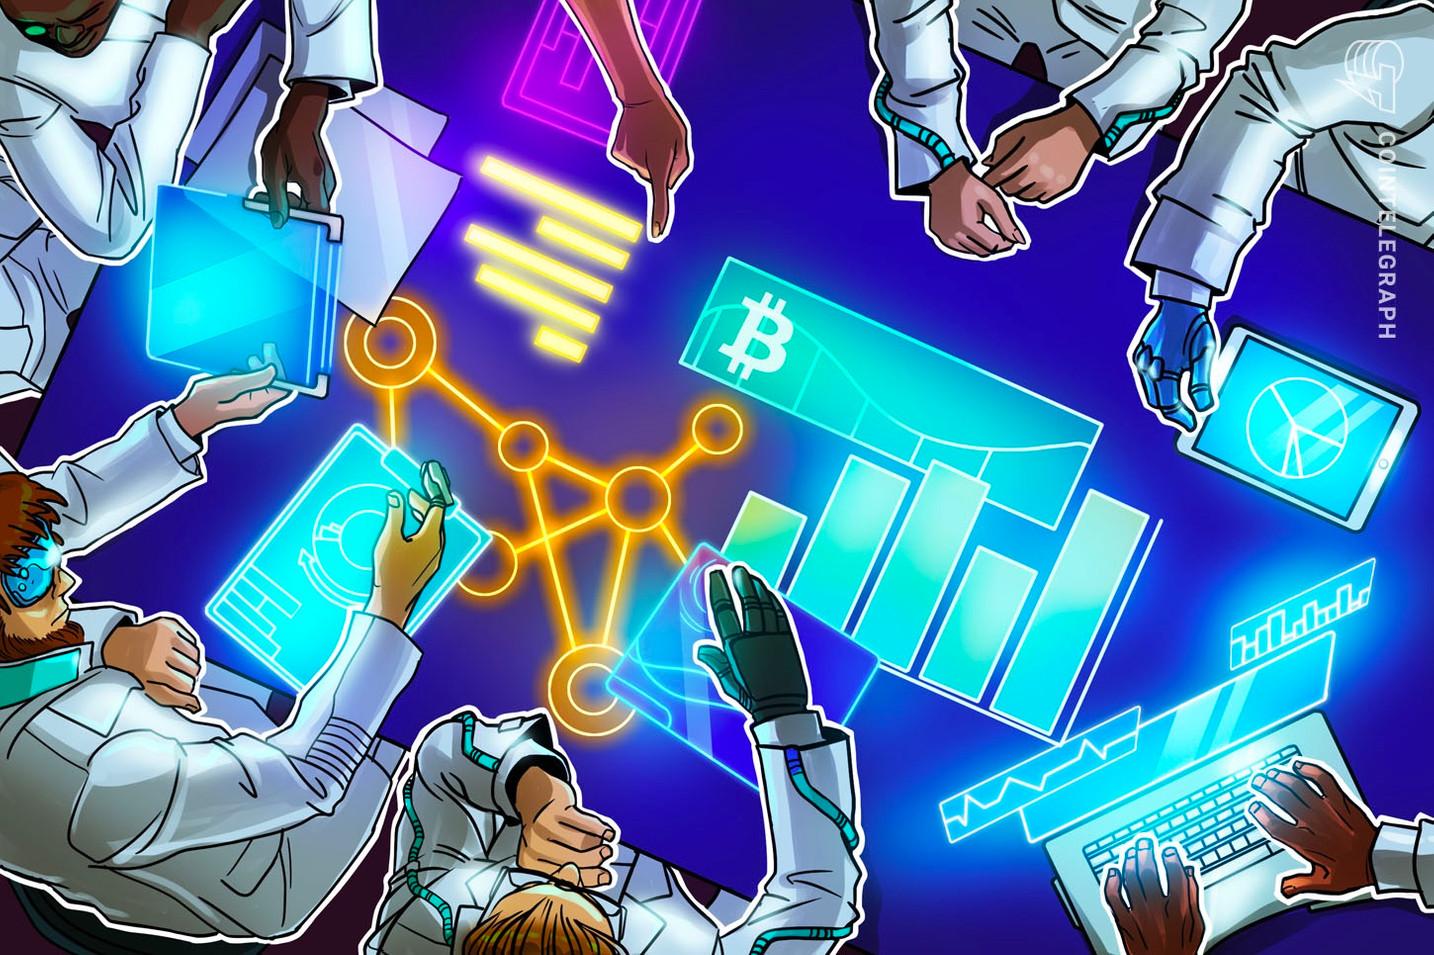 Bitcoin 49.000'den döndü - Dolar kan kaybediyor, altından geri adım | 12.2